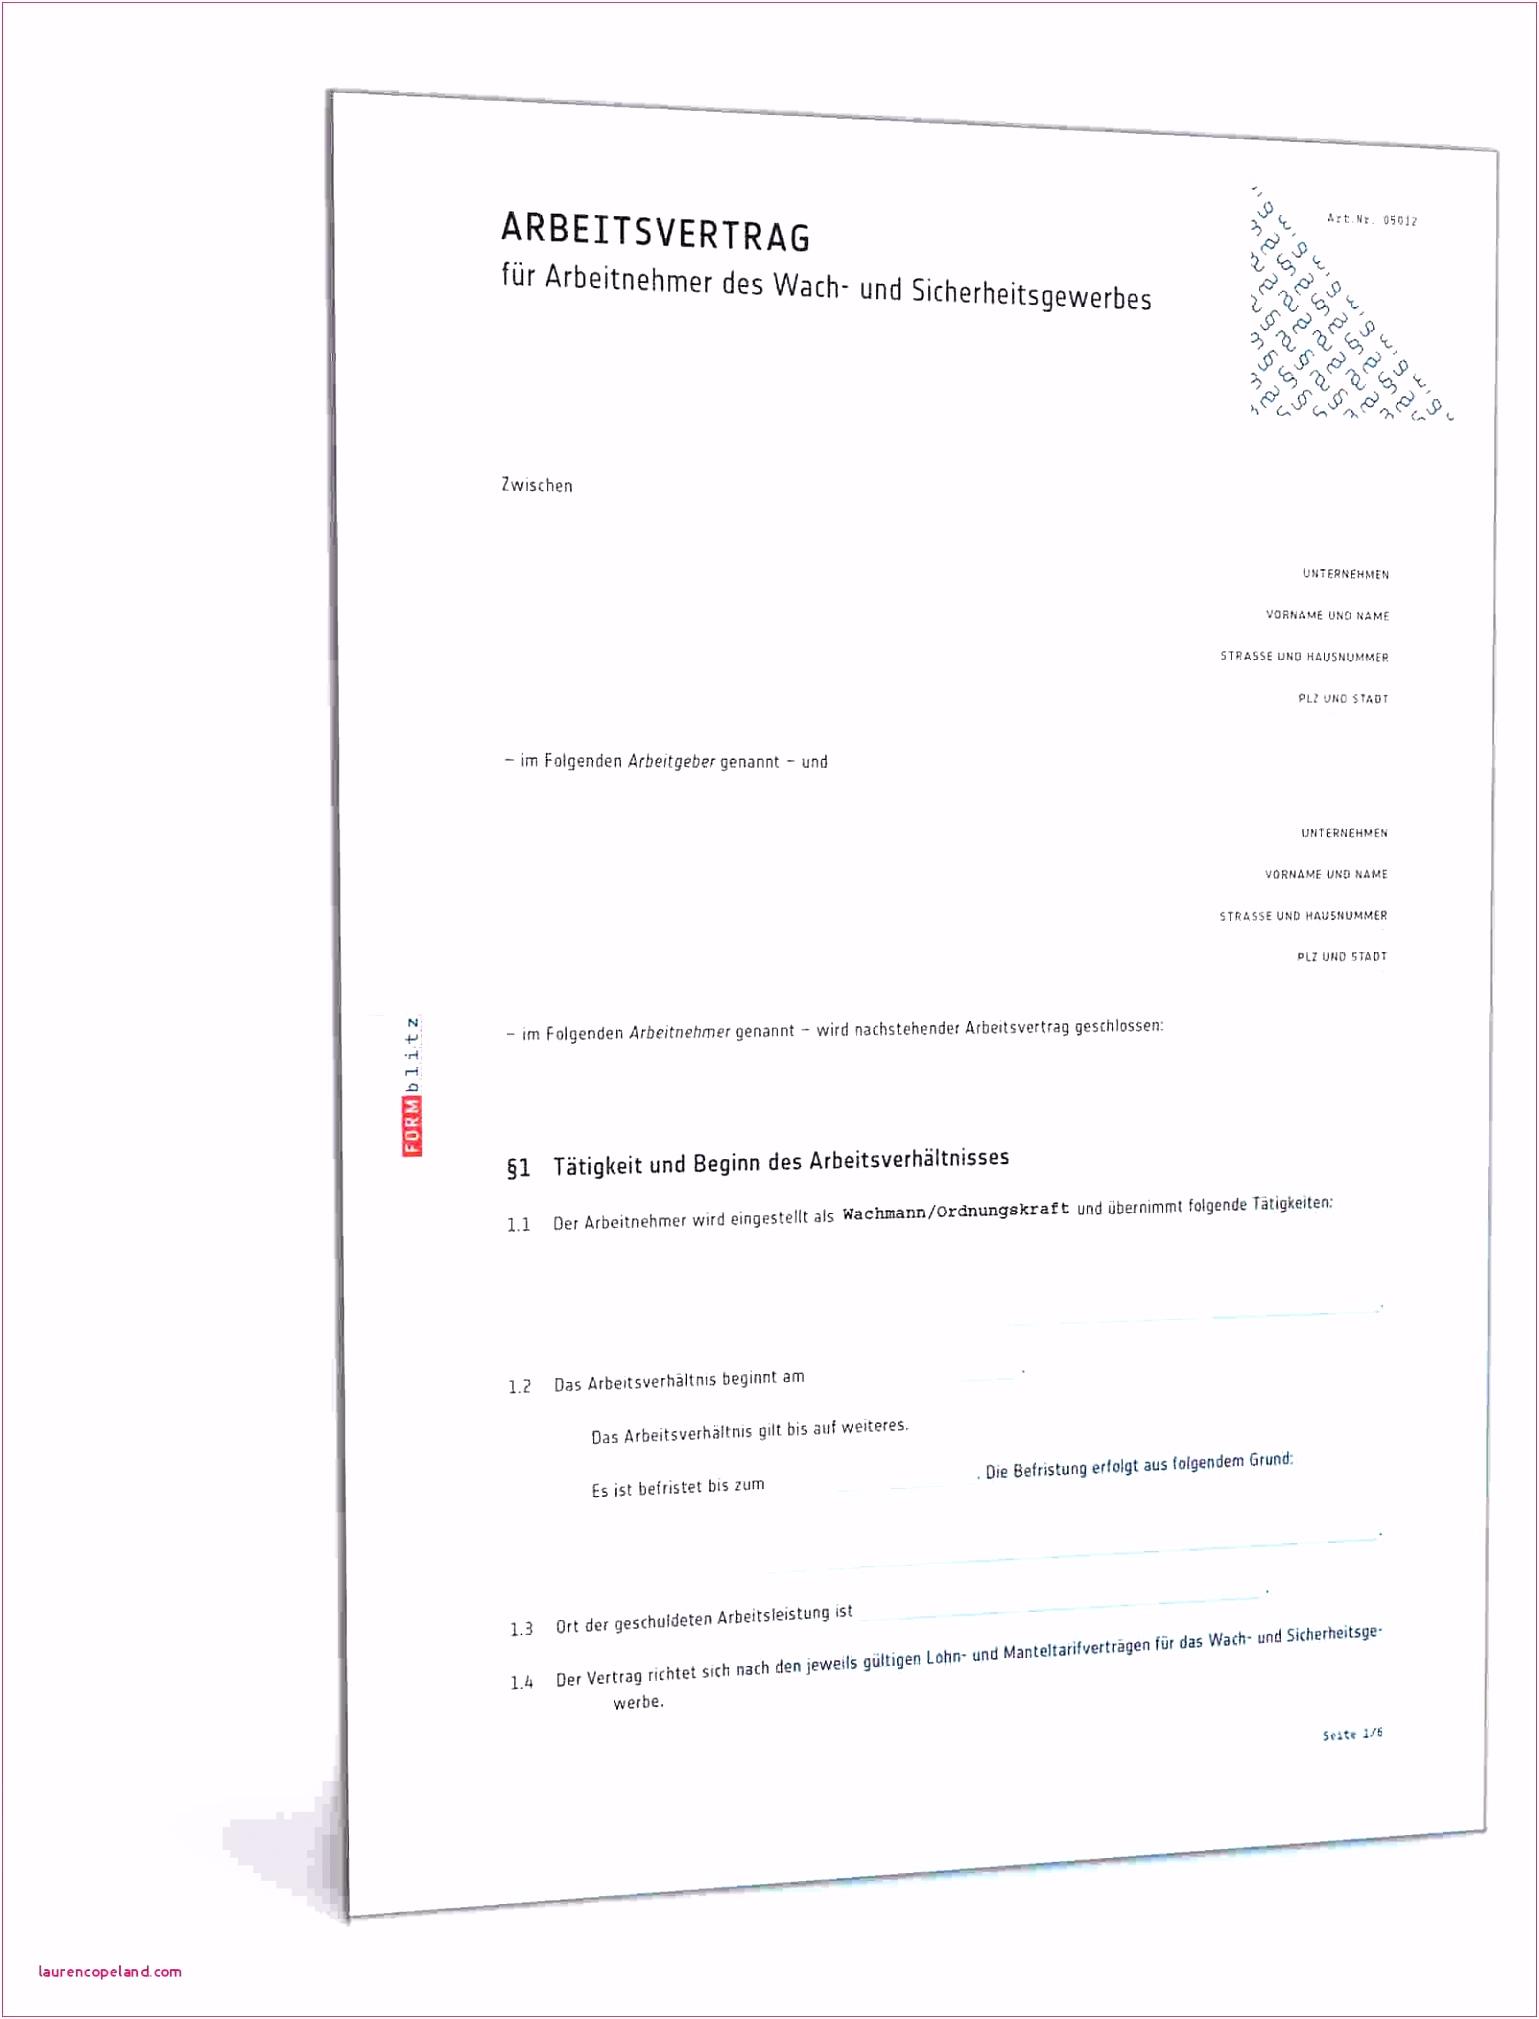 29 Einzigartig Sammlung Von Risikomatrix Nohl Vorlage